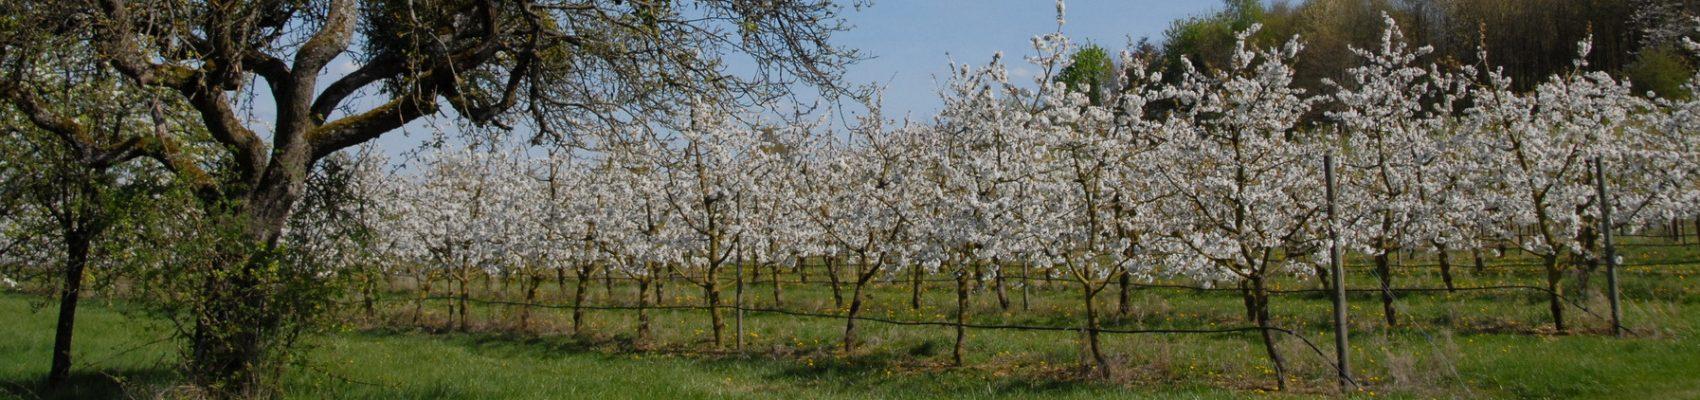 Zu sehen ist eine Wiese mit blühenden Obstbäumen.